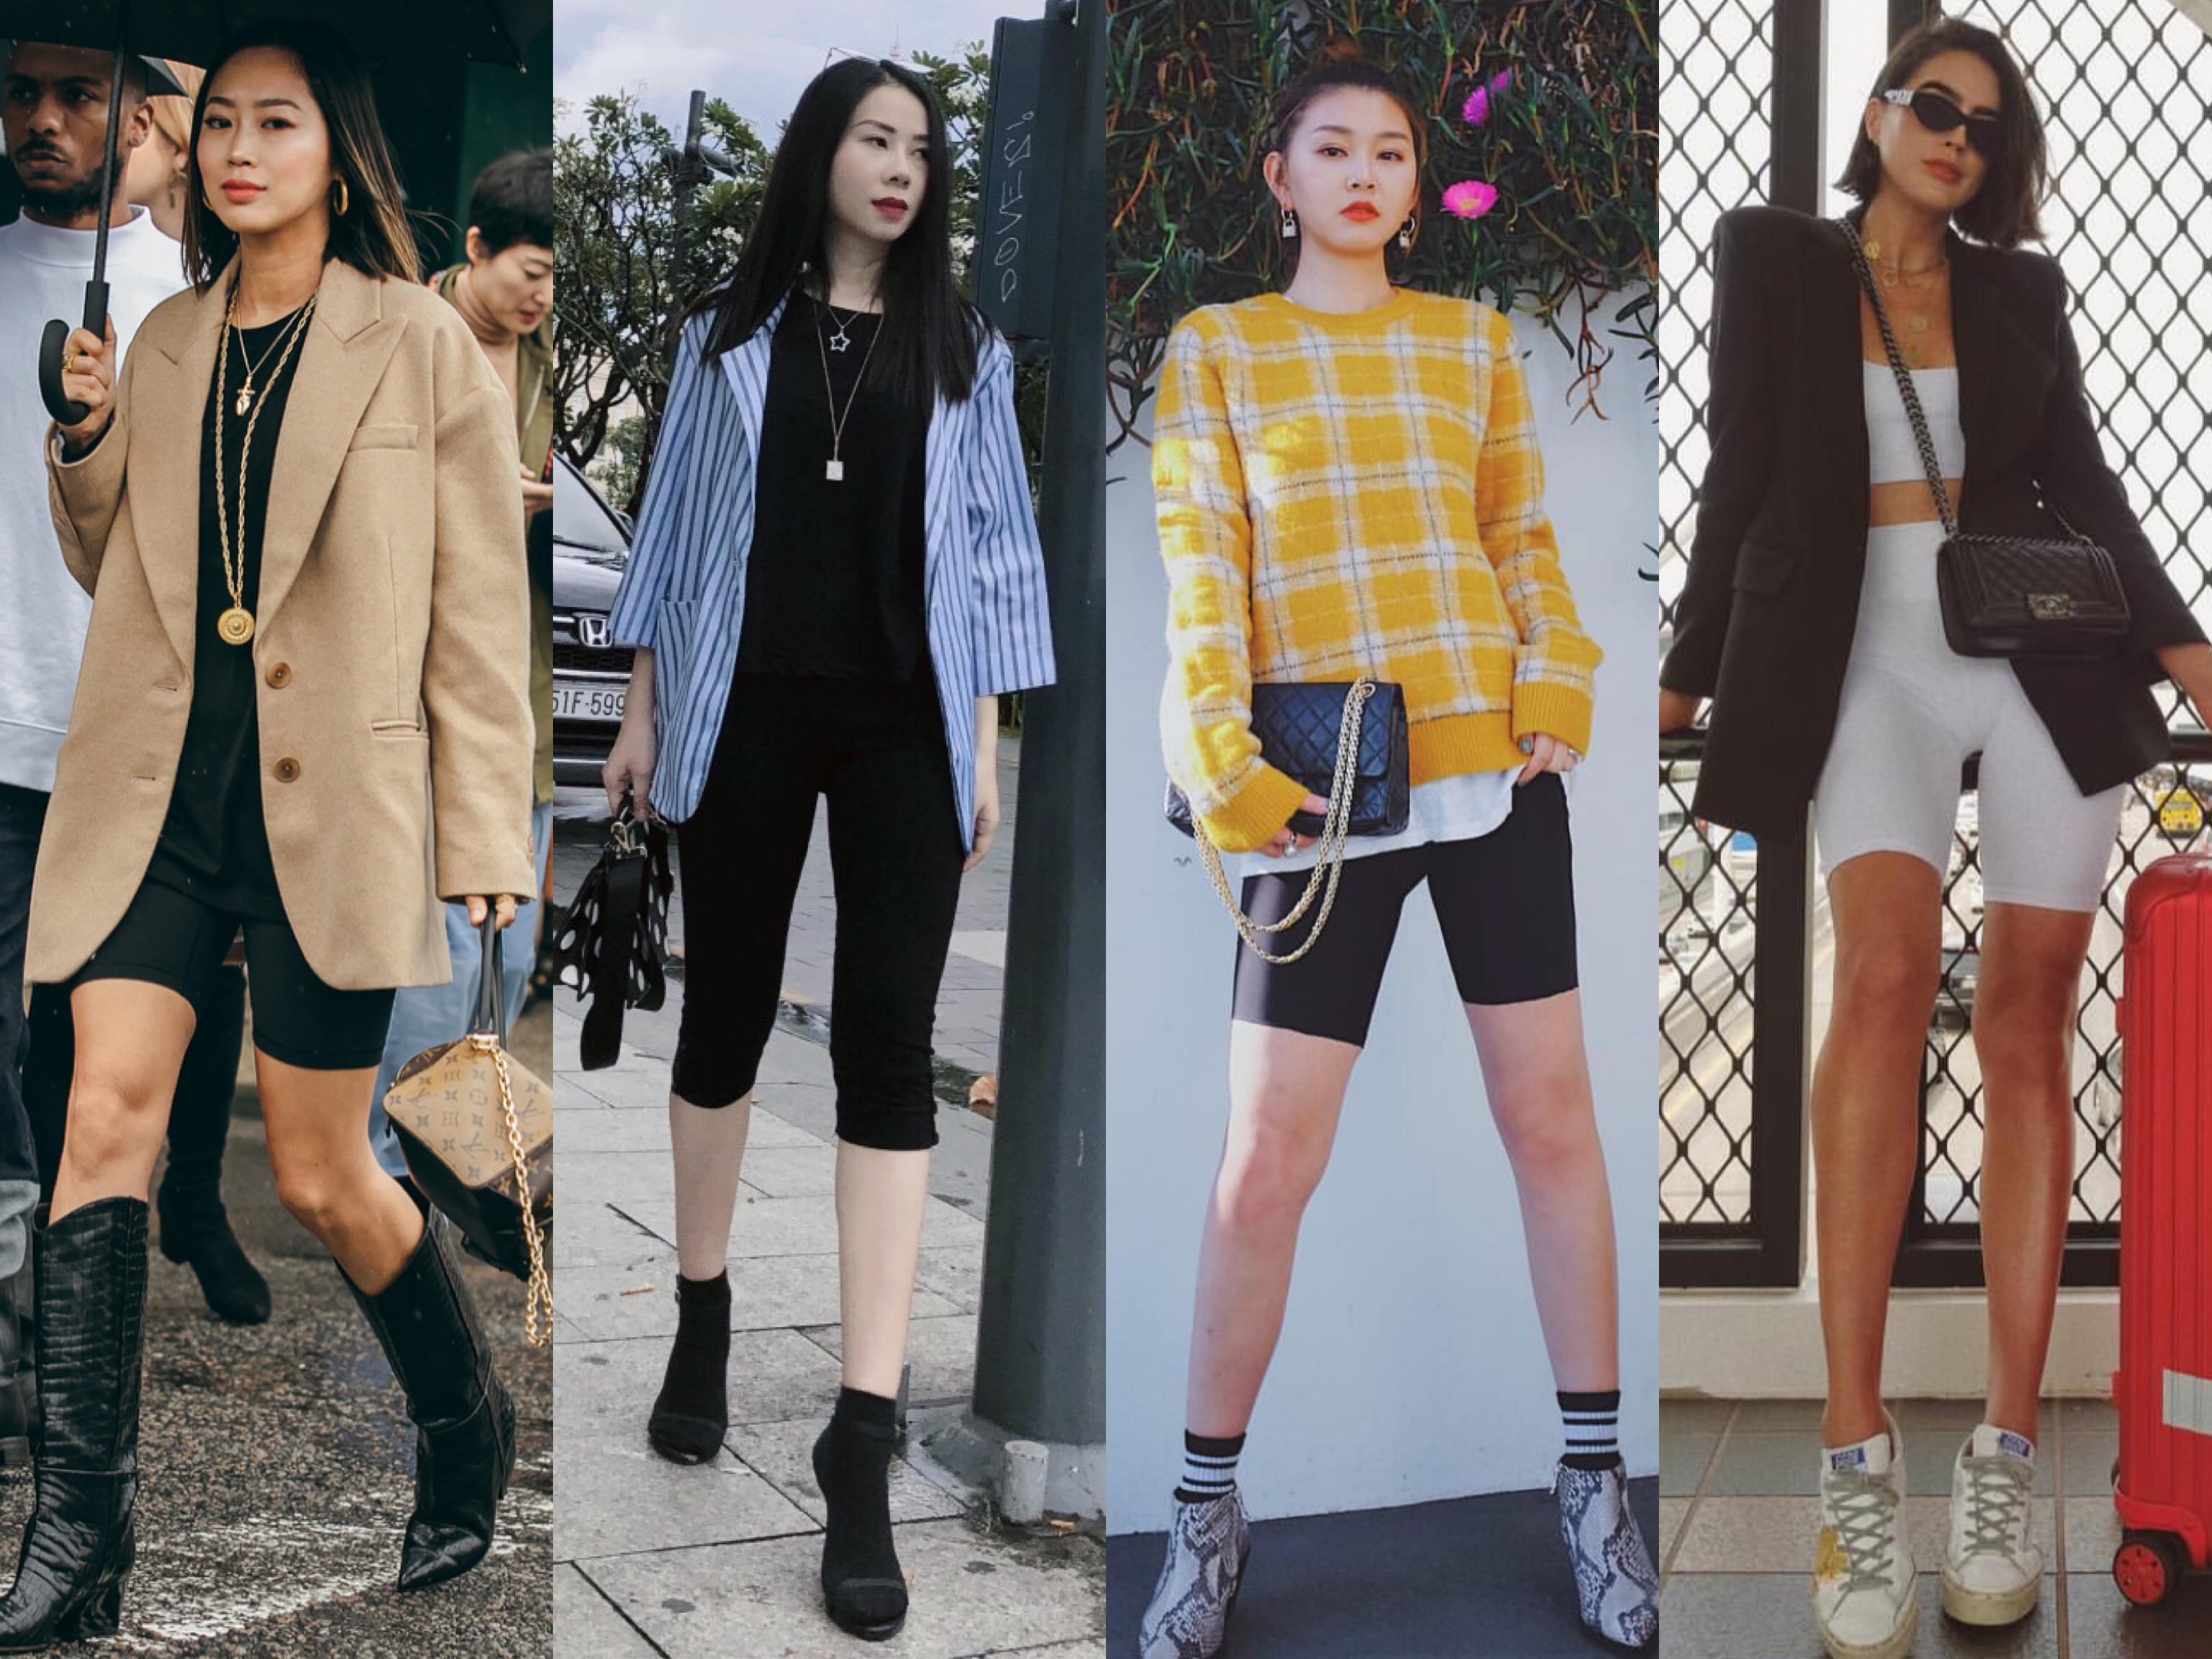 Xu hướng thời trang nào sẽ gây bão trong năm 2019 - Shopee Blog